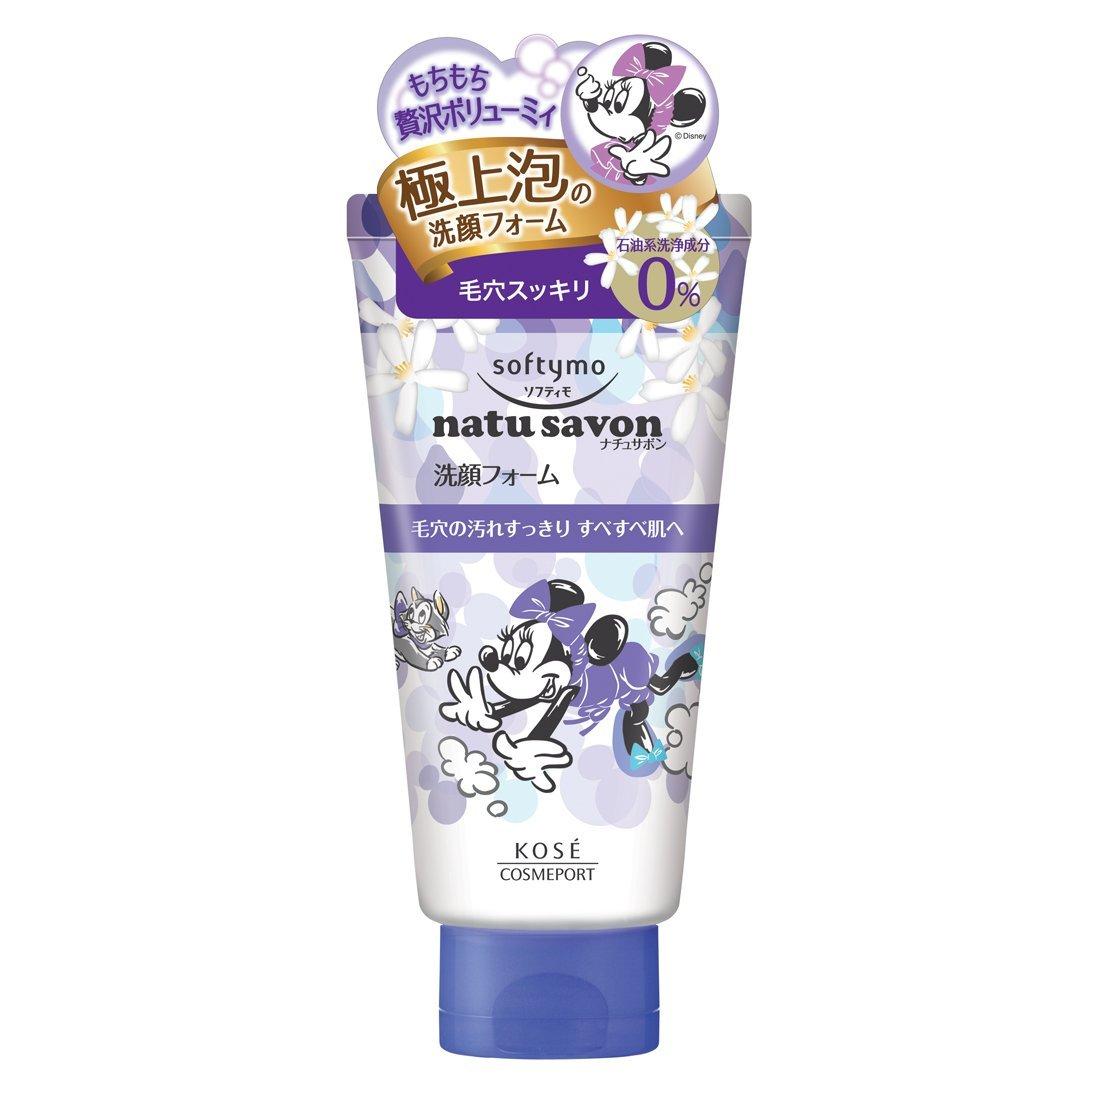 KOSE 迪士尼SOFTYMO深層清潔泡沫洗面乳(深層清潔)